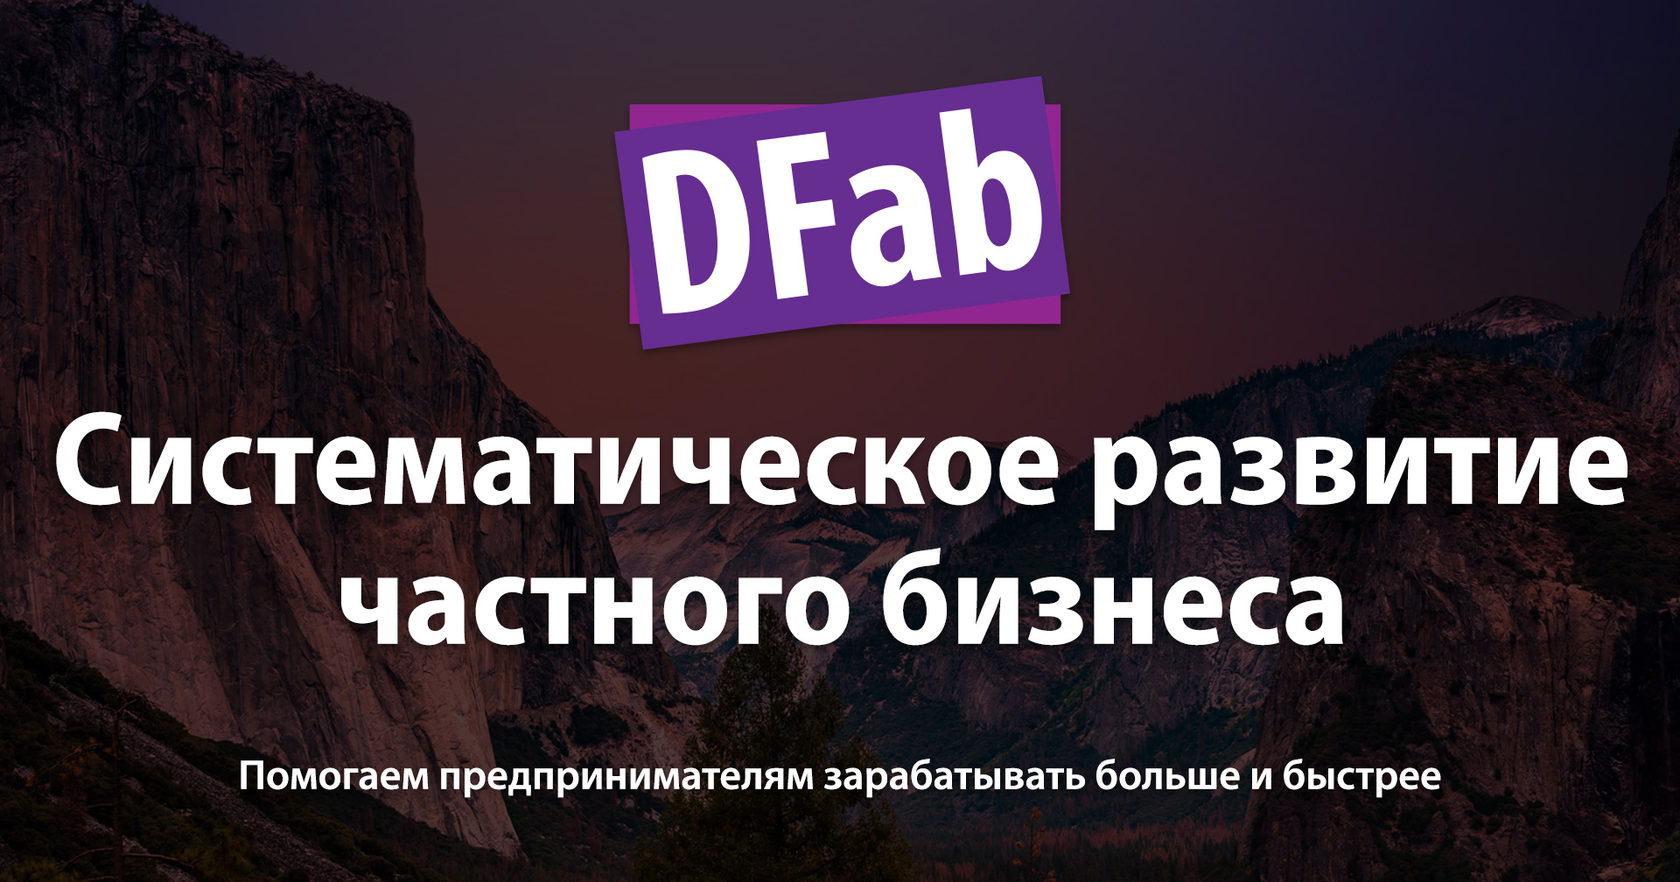 (c) Dreamfab.ru